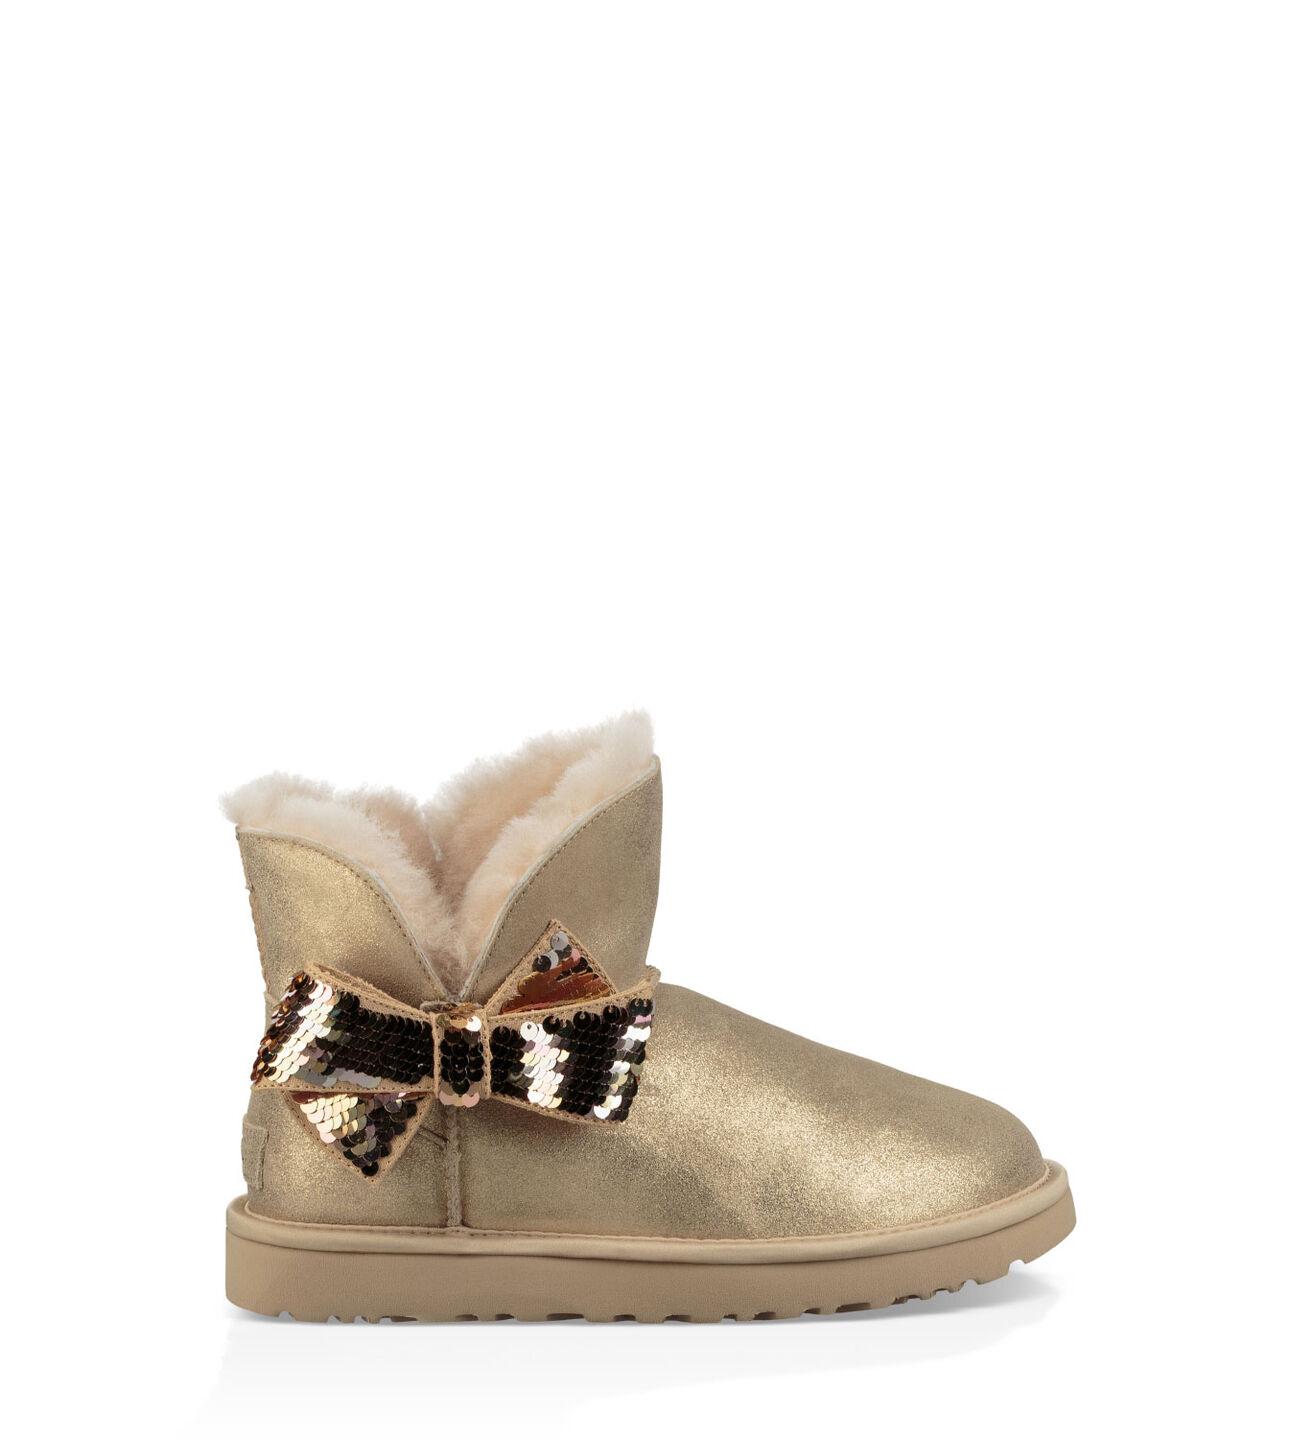 410b83427f8 Mini Sequin Bow Boot